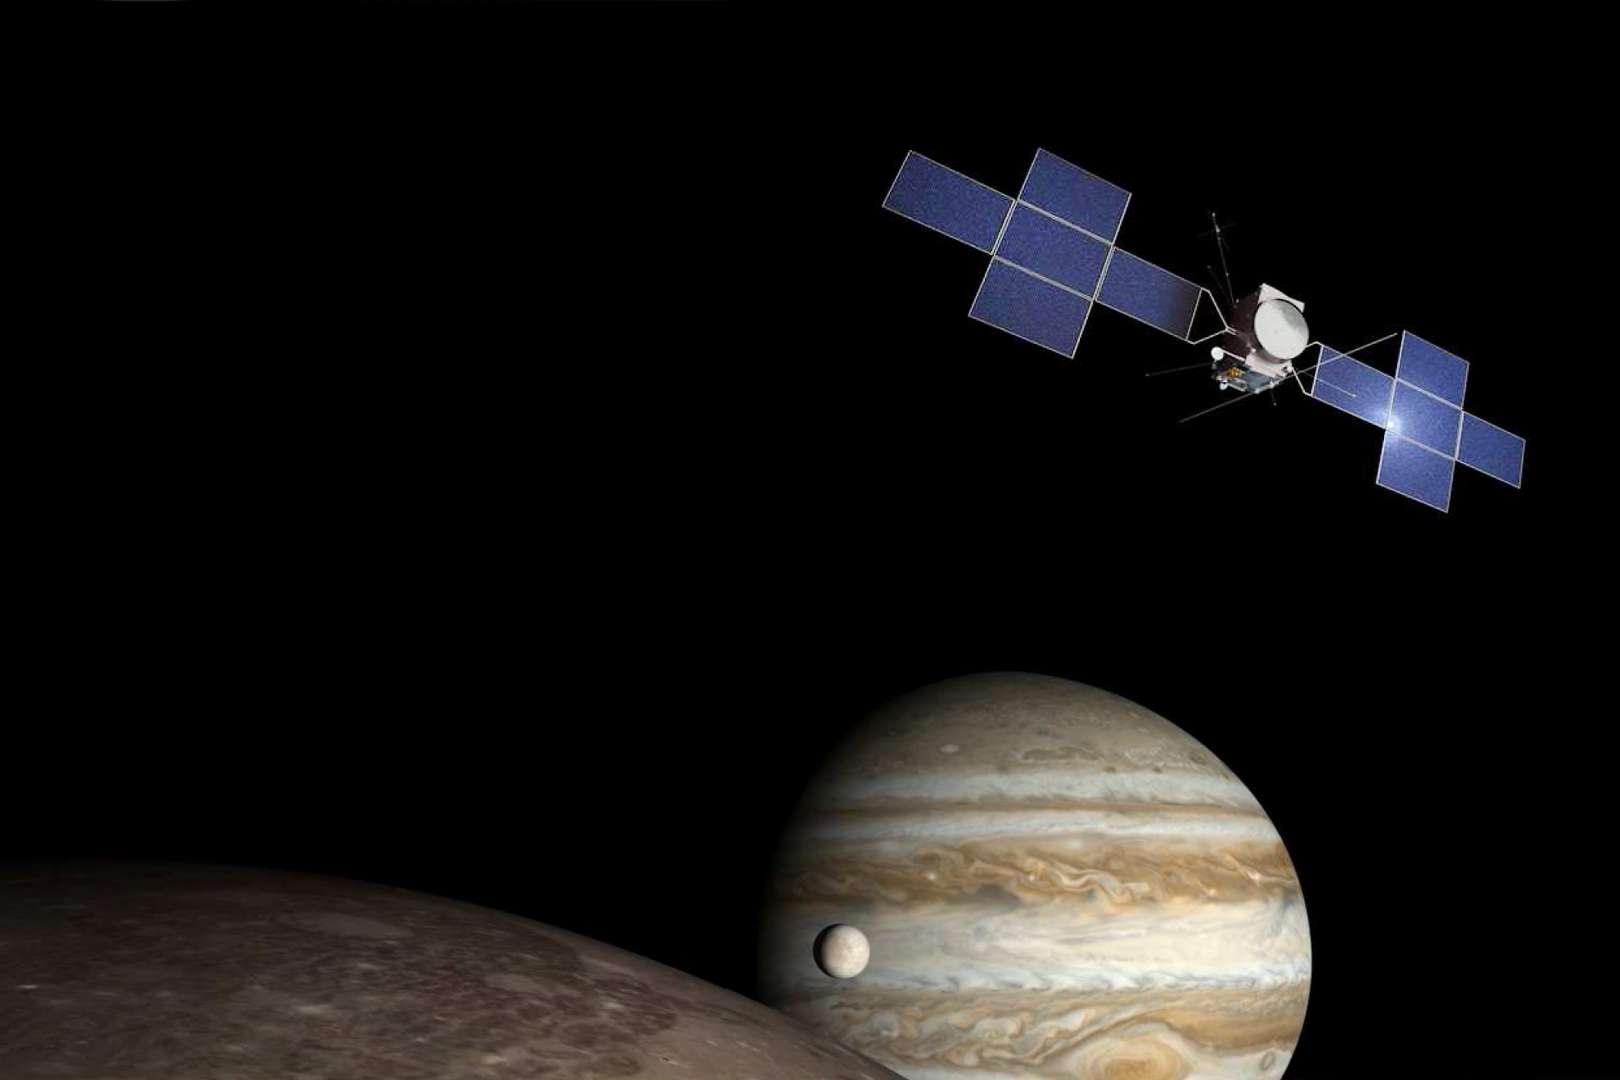 L'ESA choisit Airbus Defence and Space pour trouver des terres habitables – Spatial